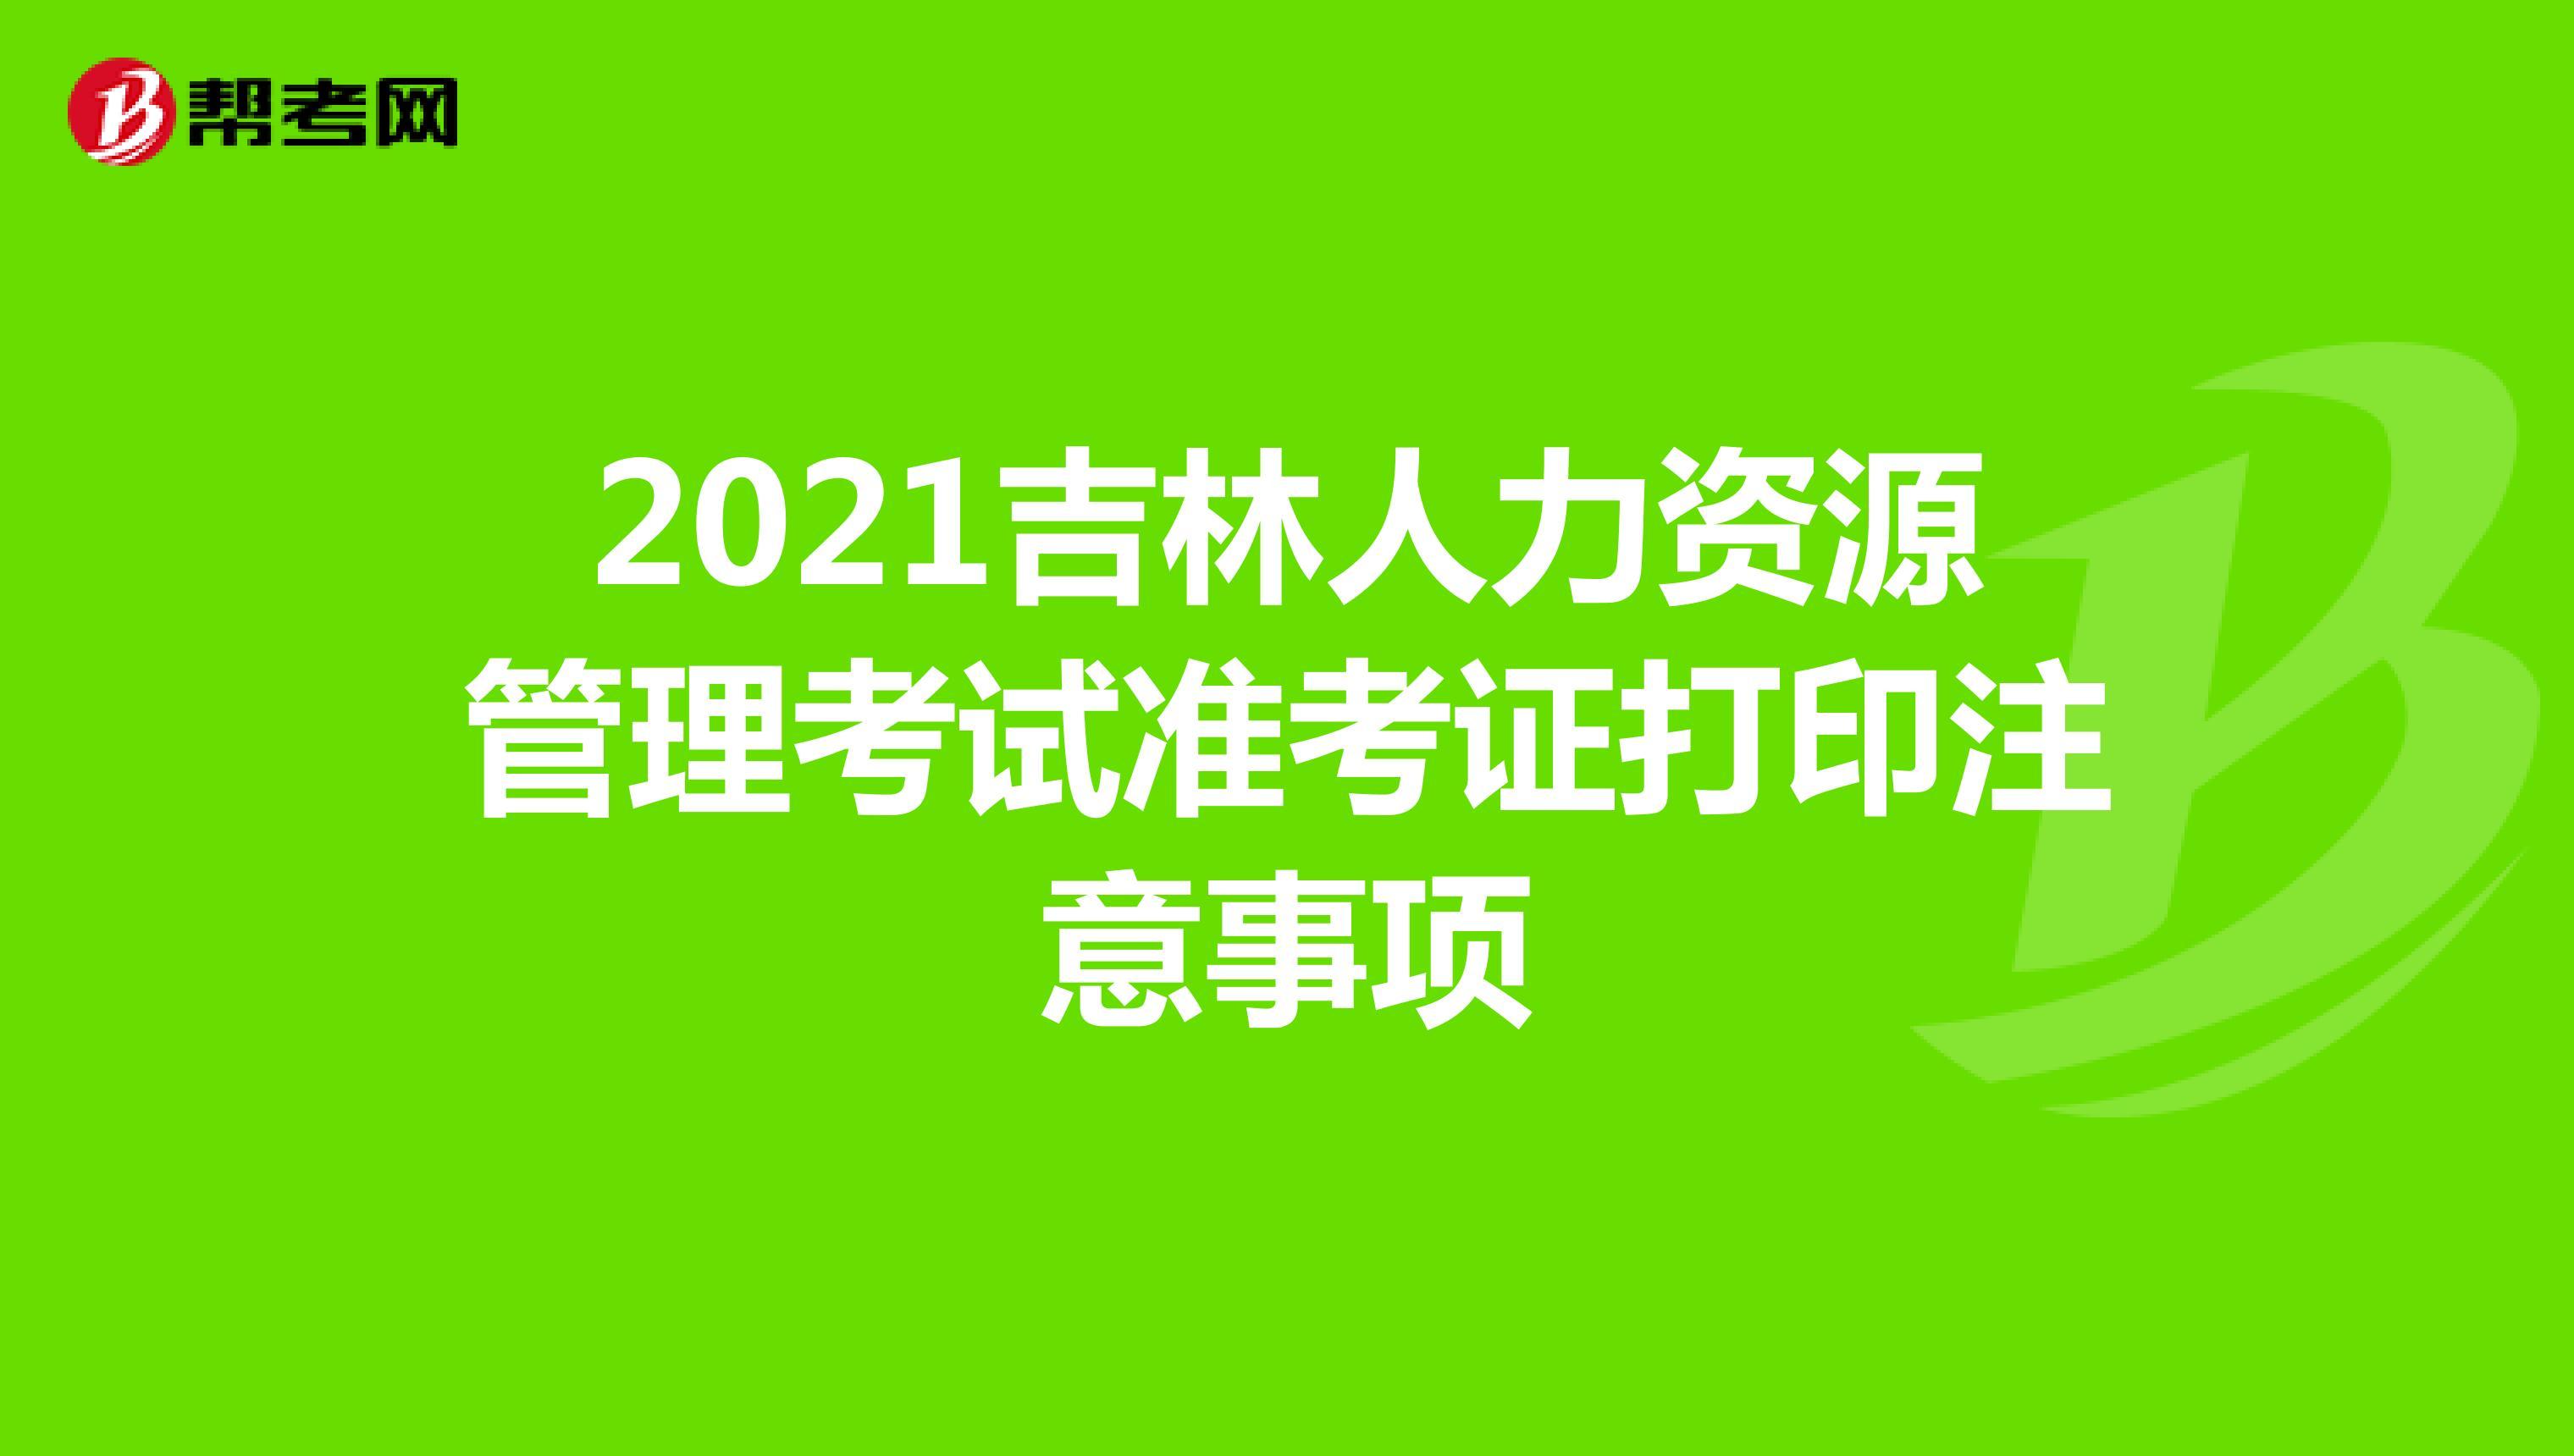 2021吉林人力资源管理考试准考证打印注意事项